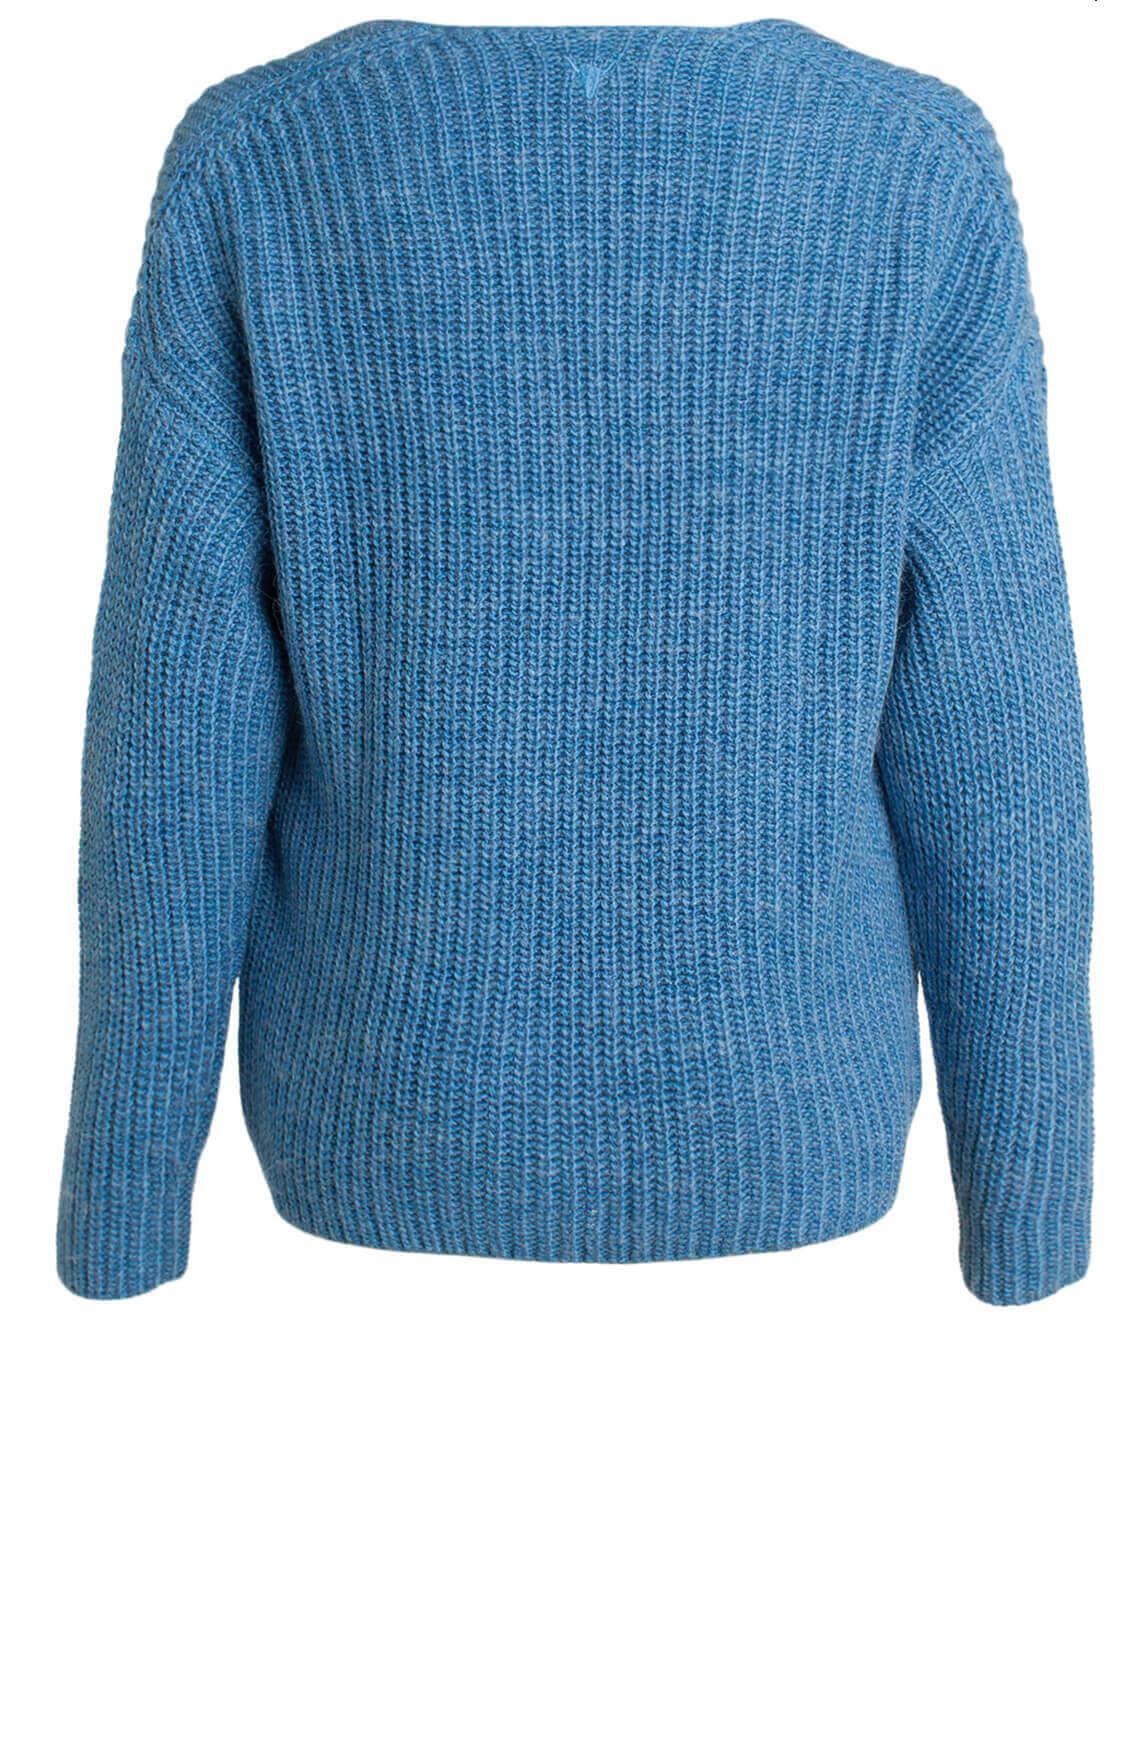 Alix The Label Dames Gebreide pullover met V-hals Blauw